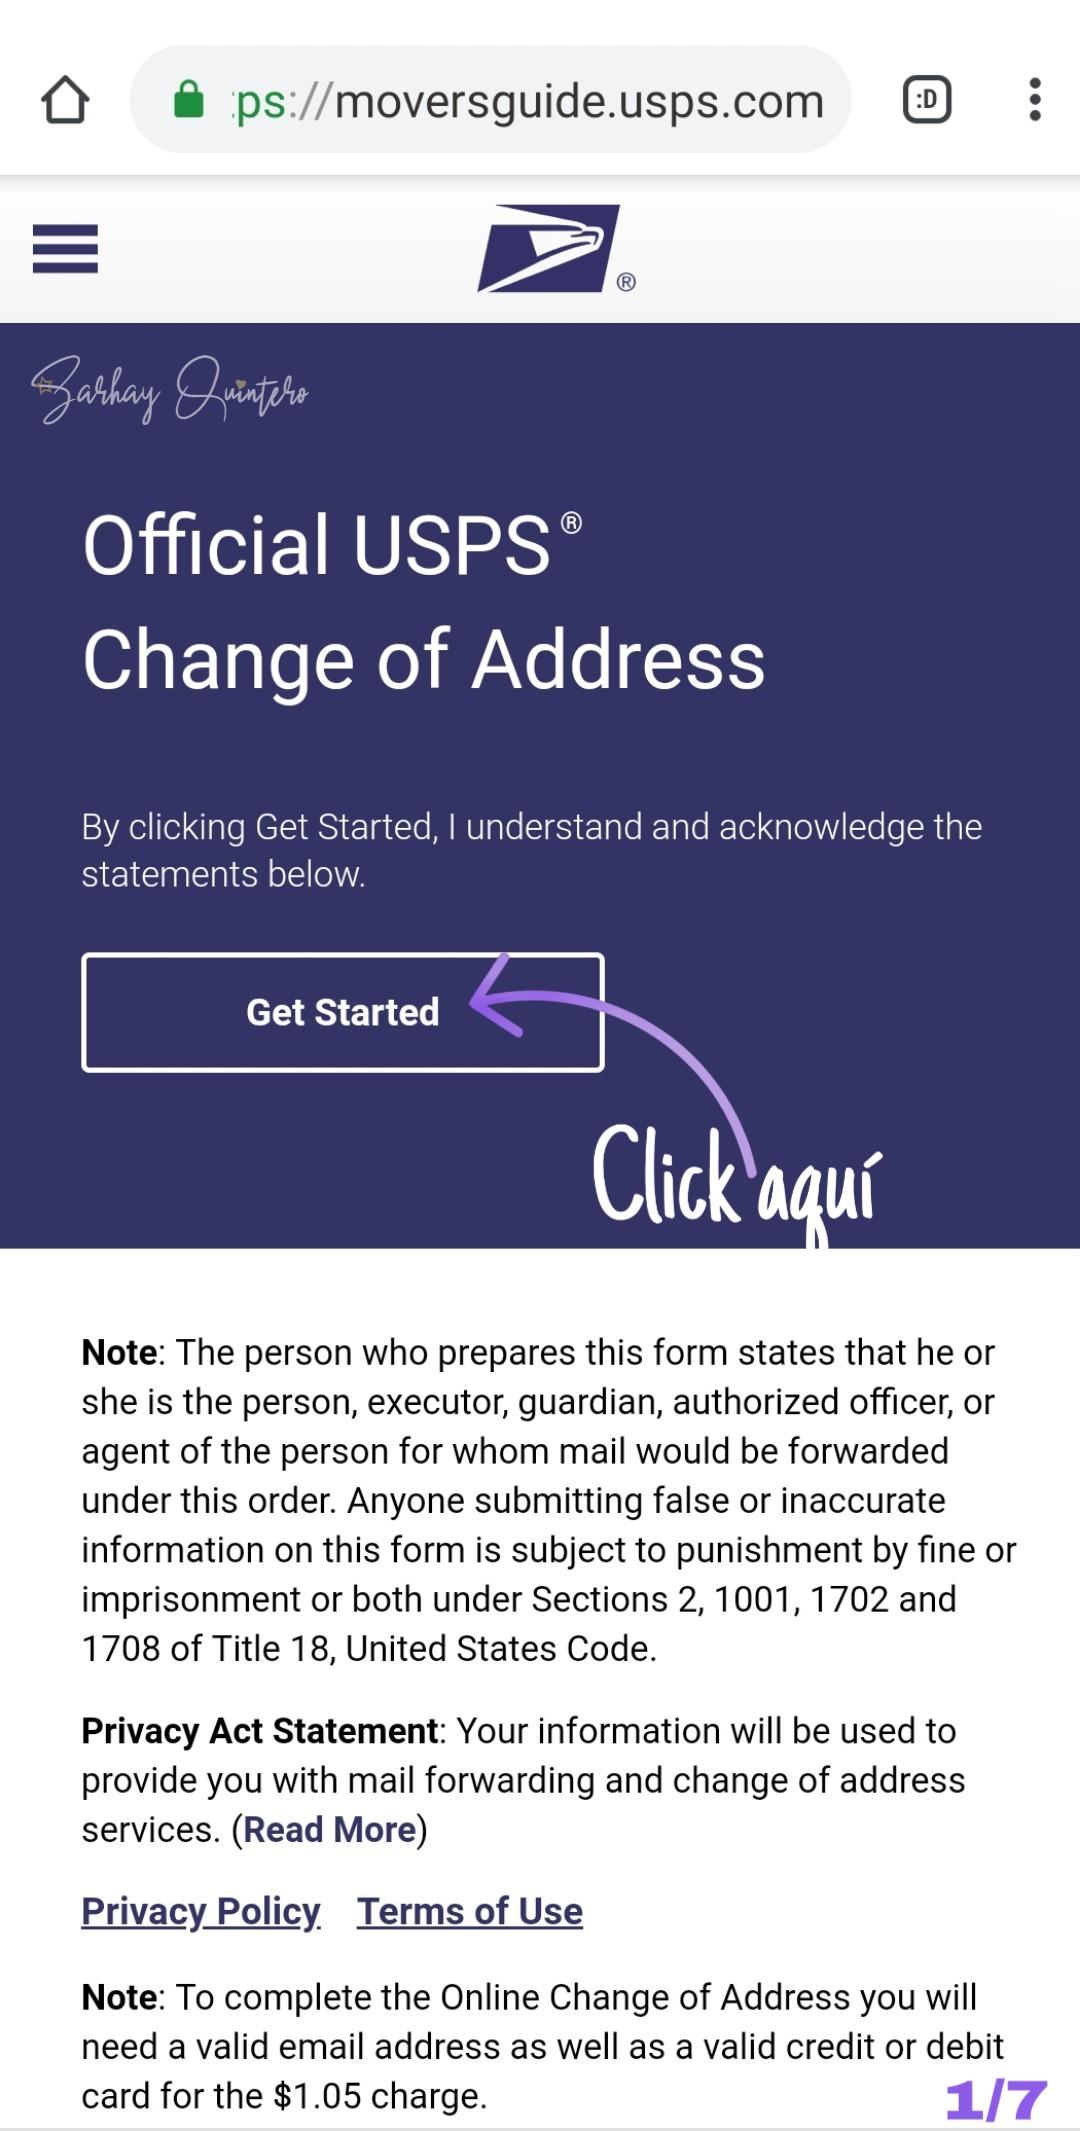 cambiar mi dirección en USPS